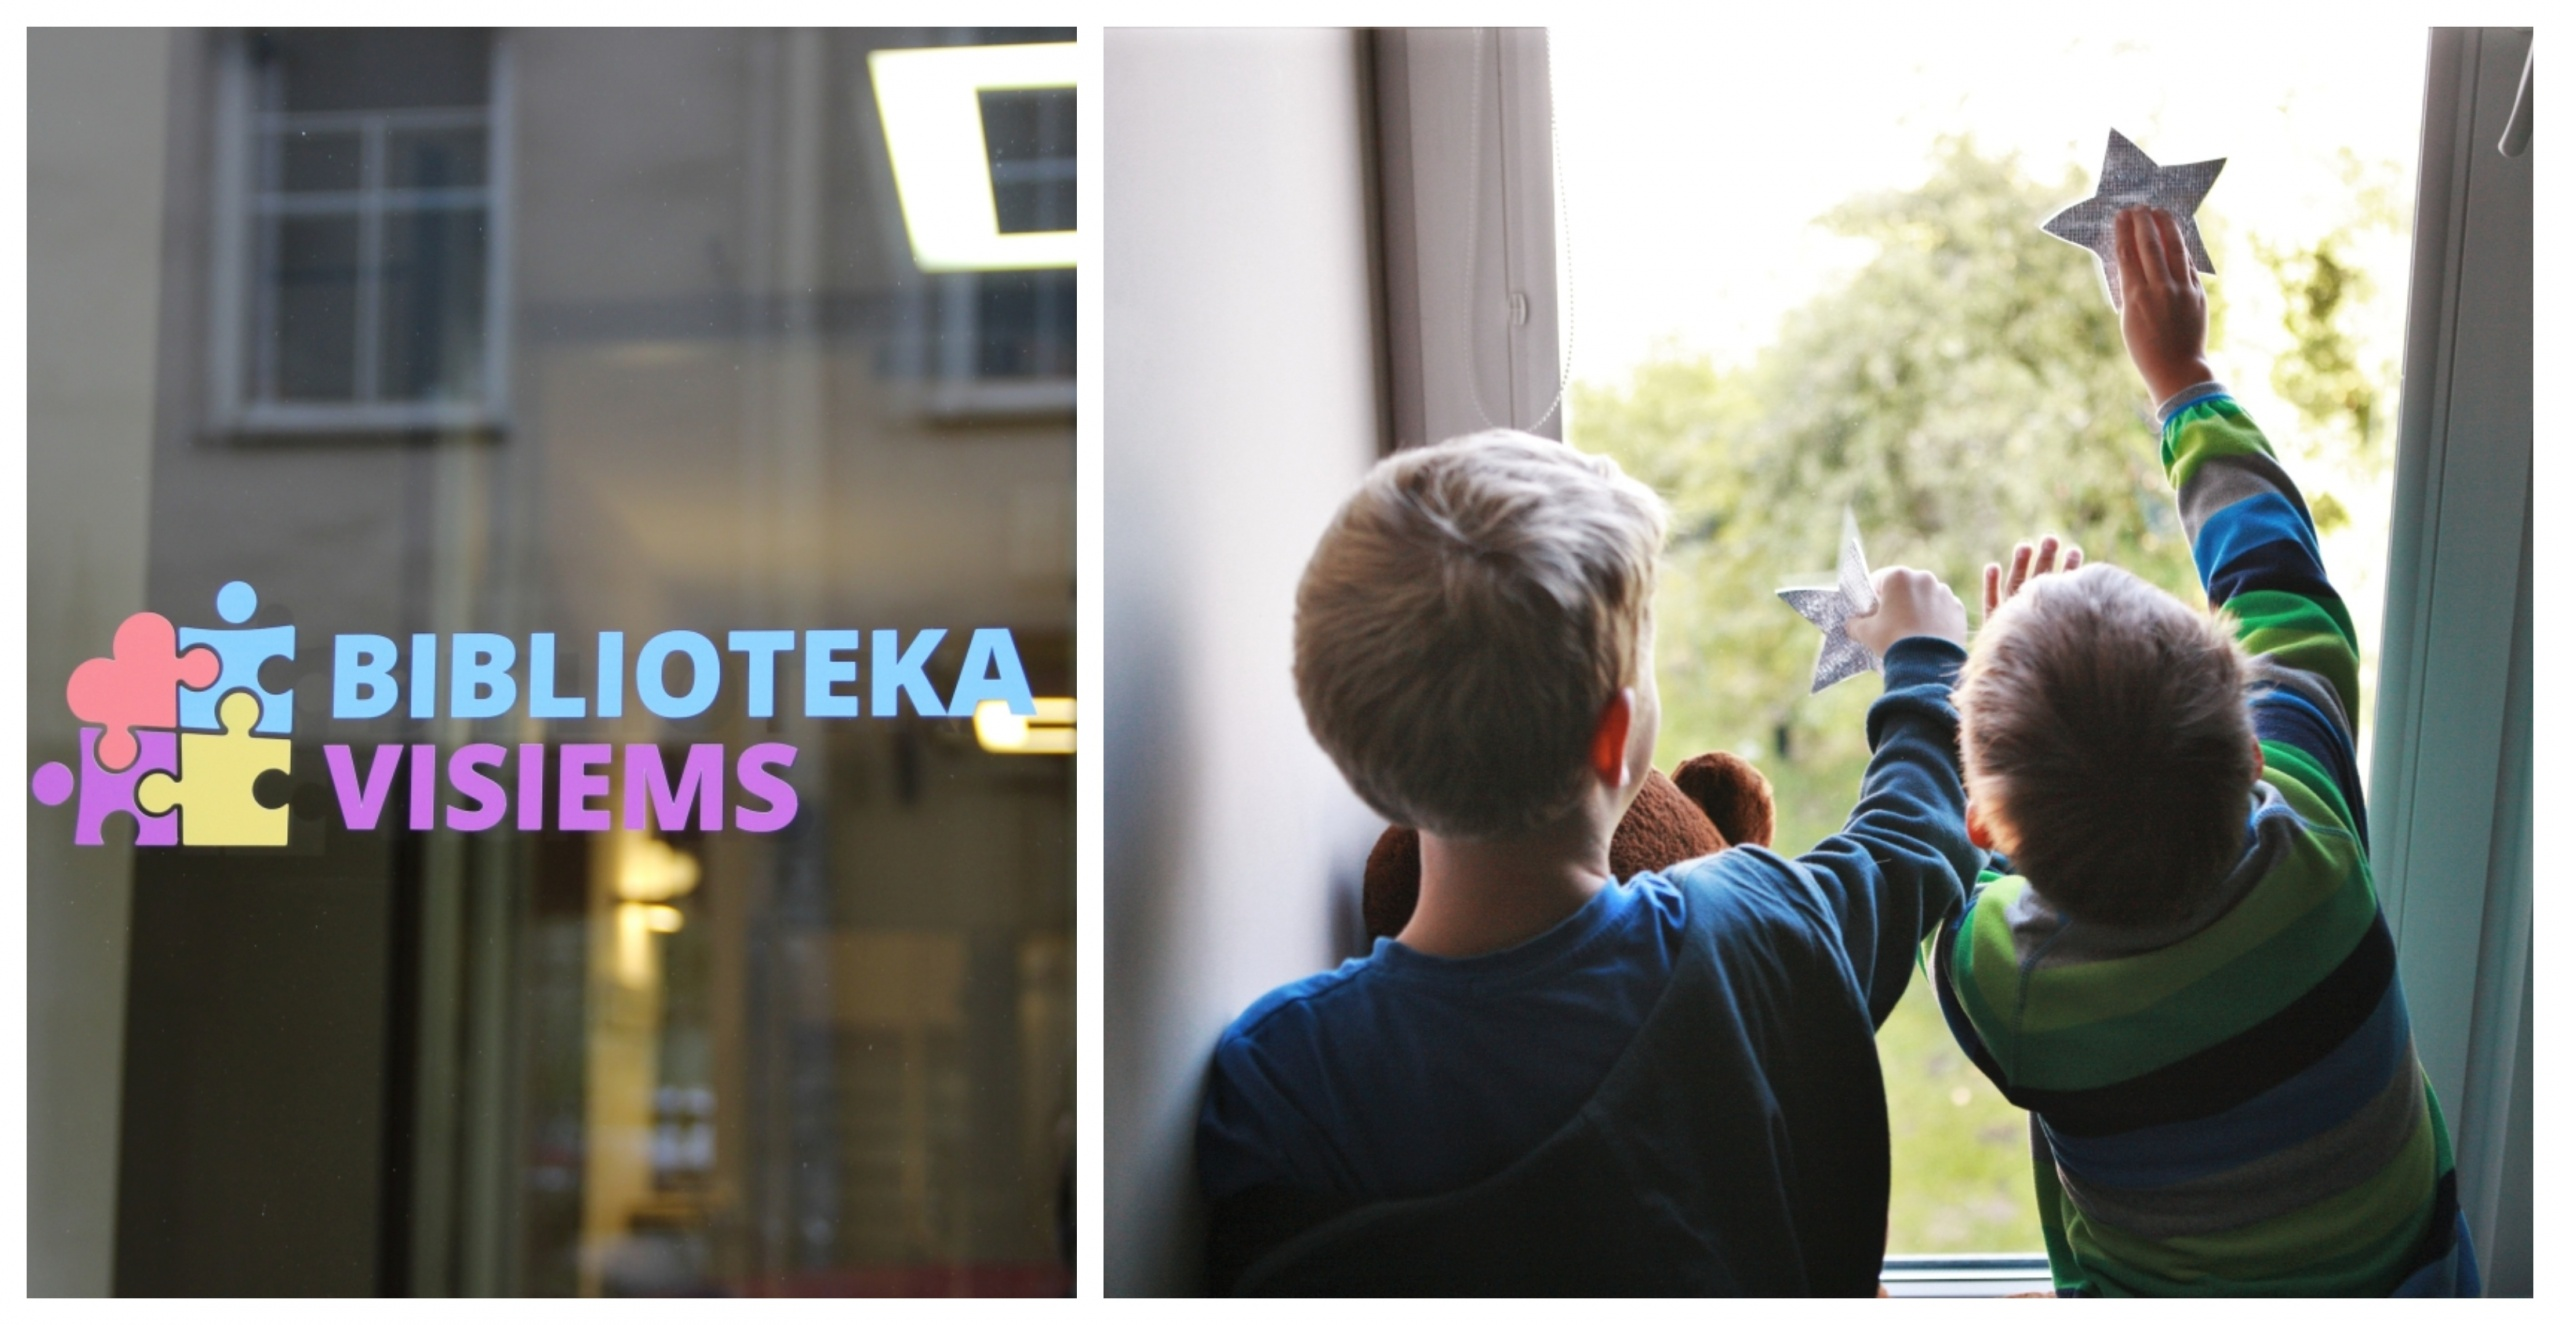 """""""Biblioteka visiems"""": autizmas – ne kliūtis lankytis bibliotekoje 1"""